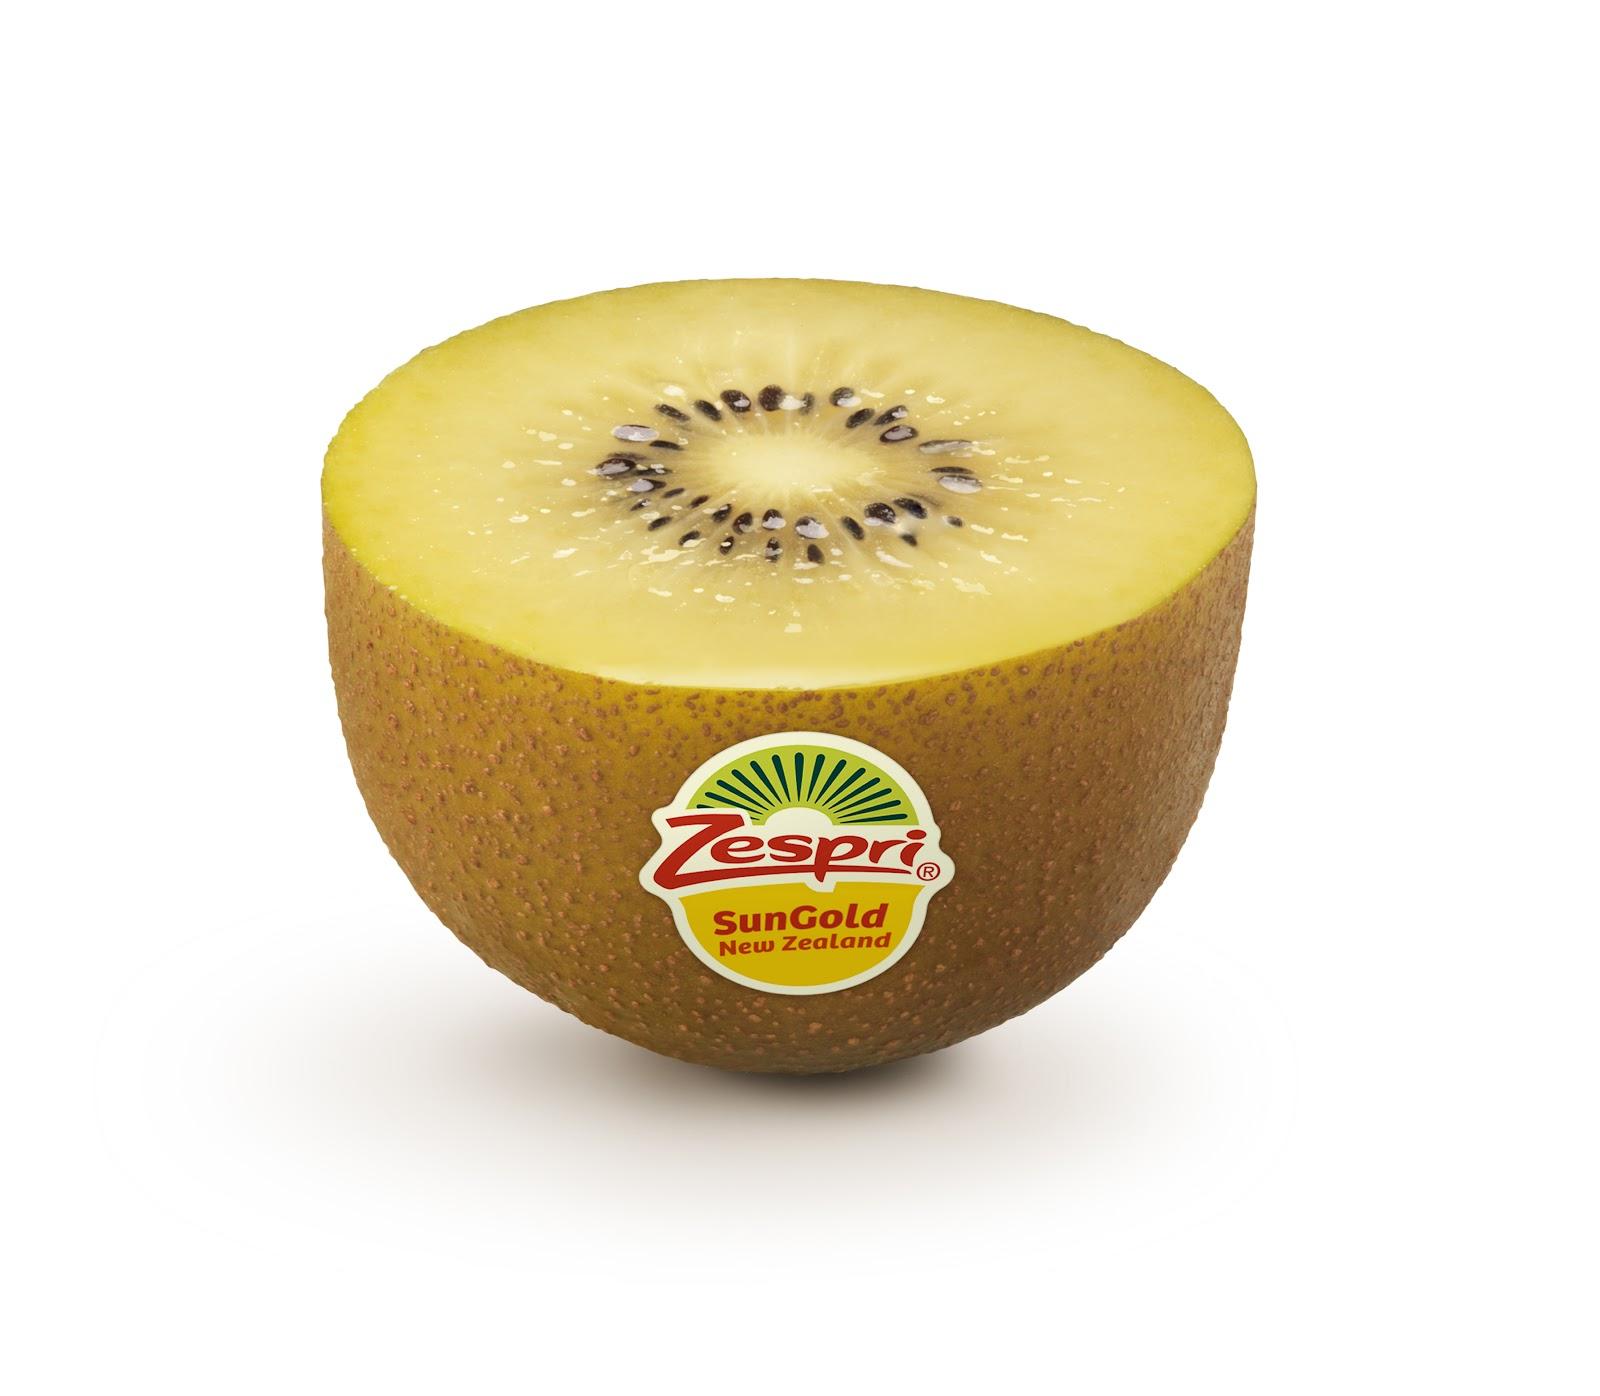 Origen y beneficios de los kiwi Zespri 0